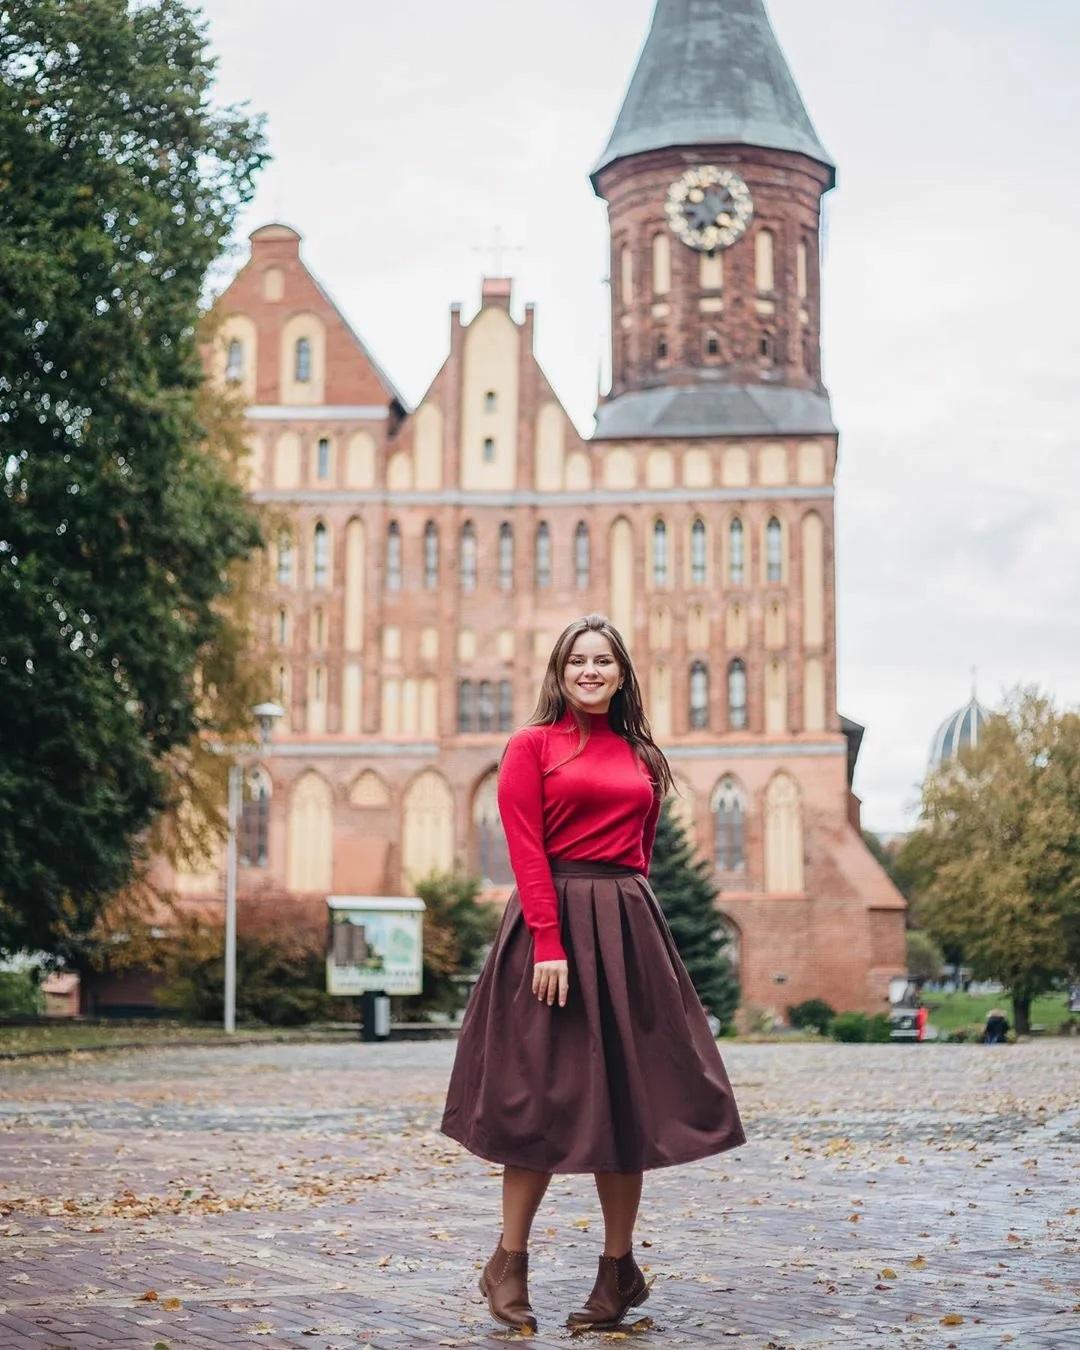 Лучшие места для фотосессий в Калининграде - кафедральный собор